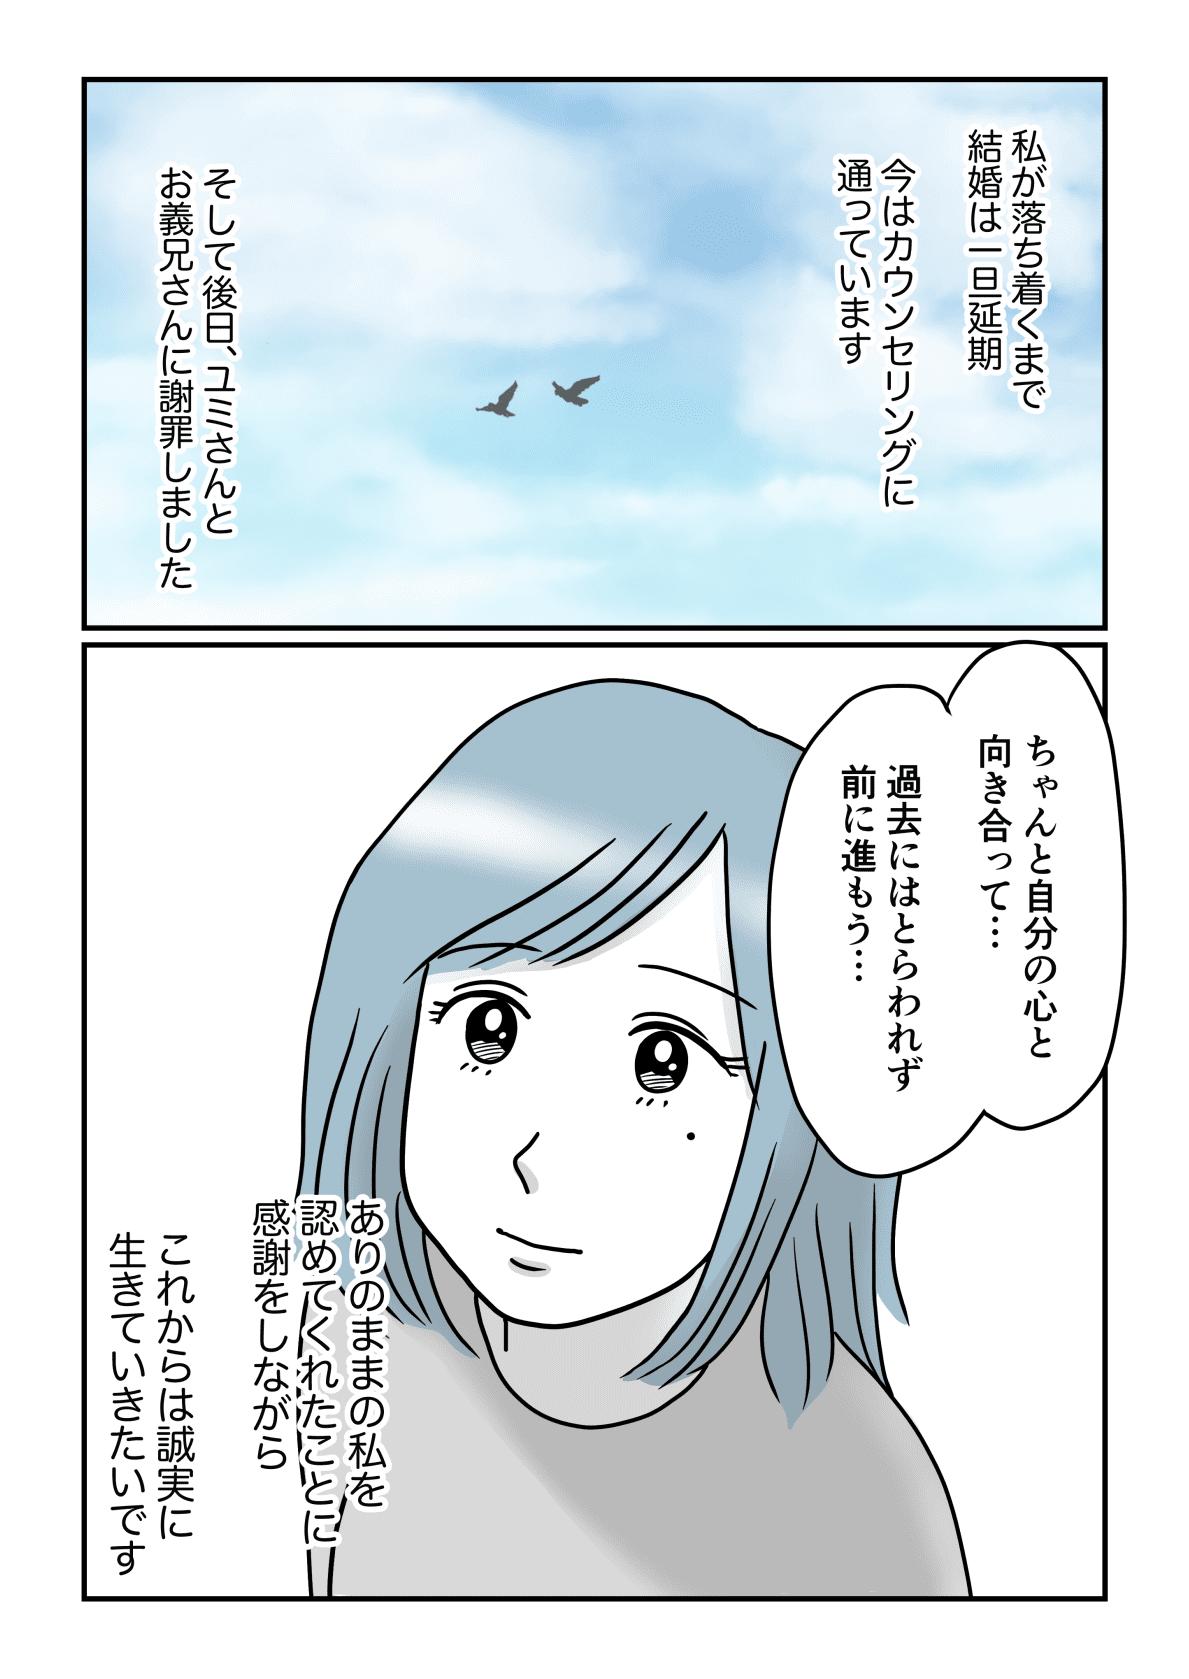 サキさんside4−4